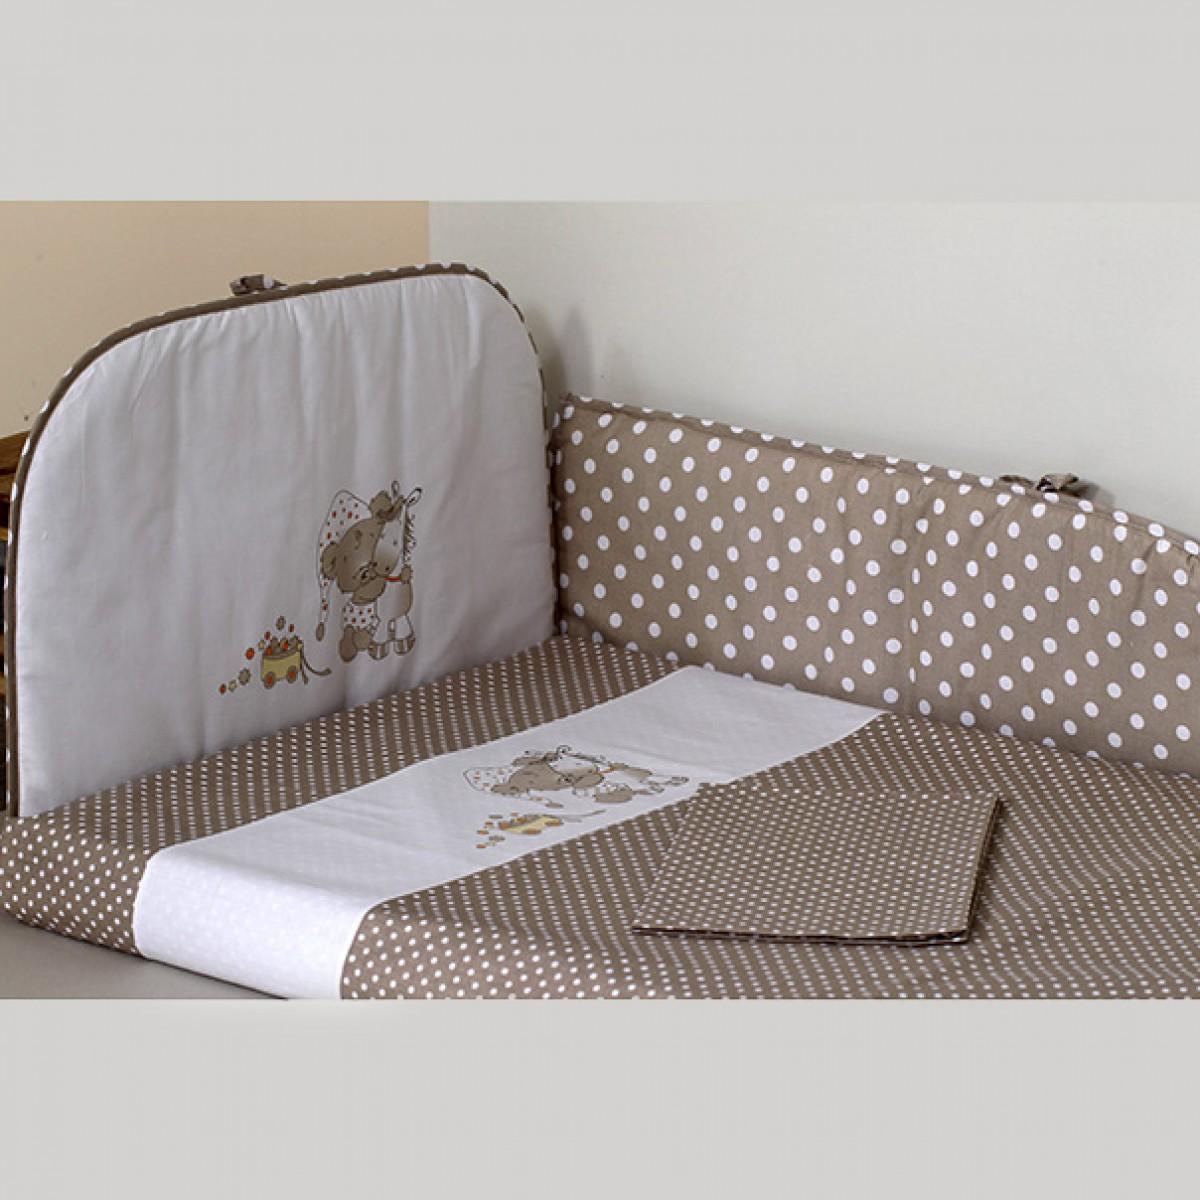 Trijų dalių apsauga lovytei VILAURITA Dudžio sapnas (631)